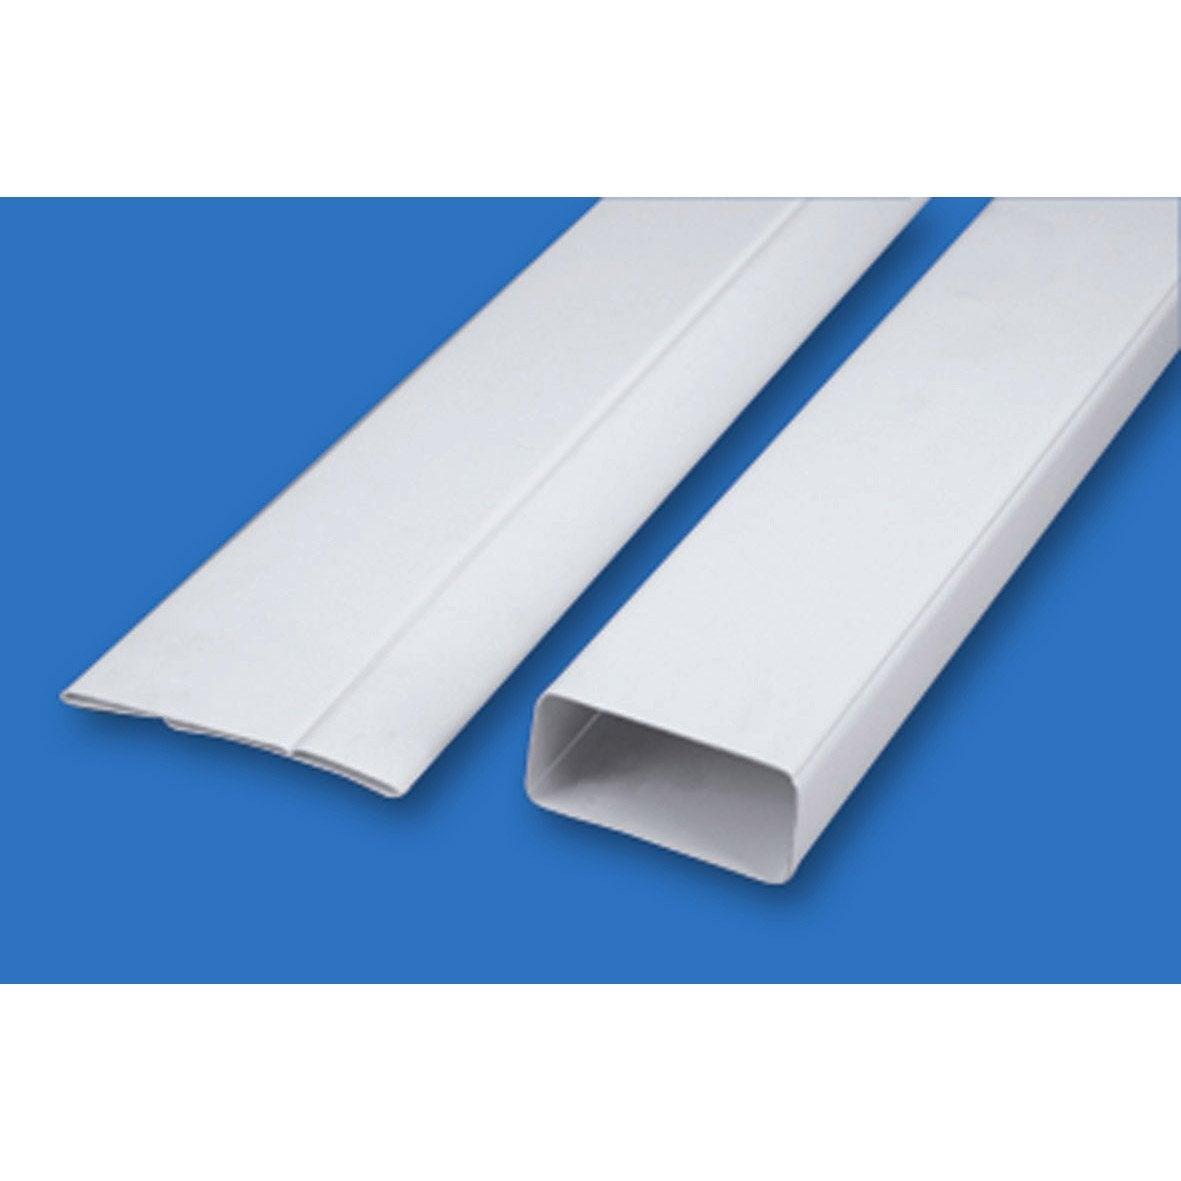 Tube rectangulaire rigide plat pvc s p 100 mm 100 mm 1 - Celosias pvc leroy merlin ...